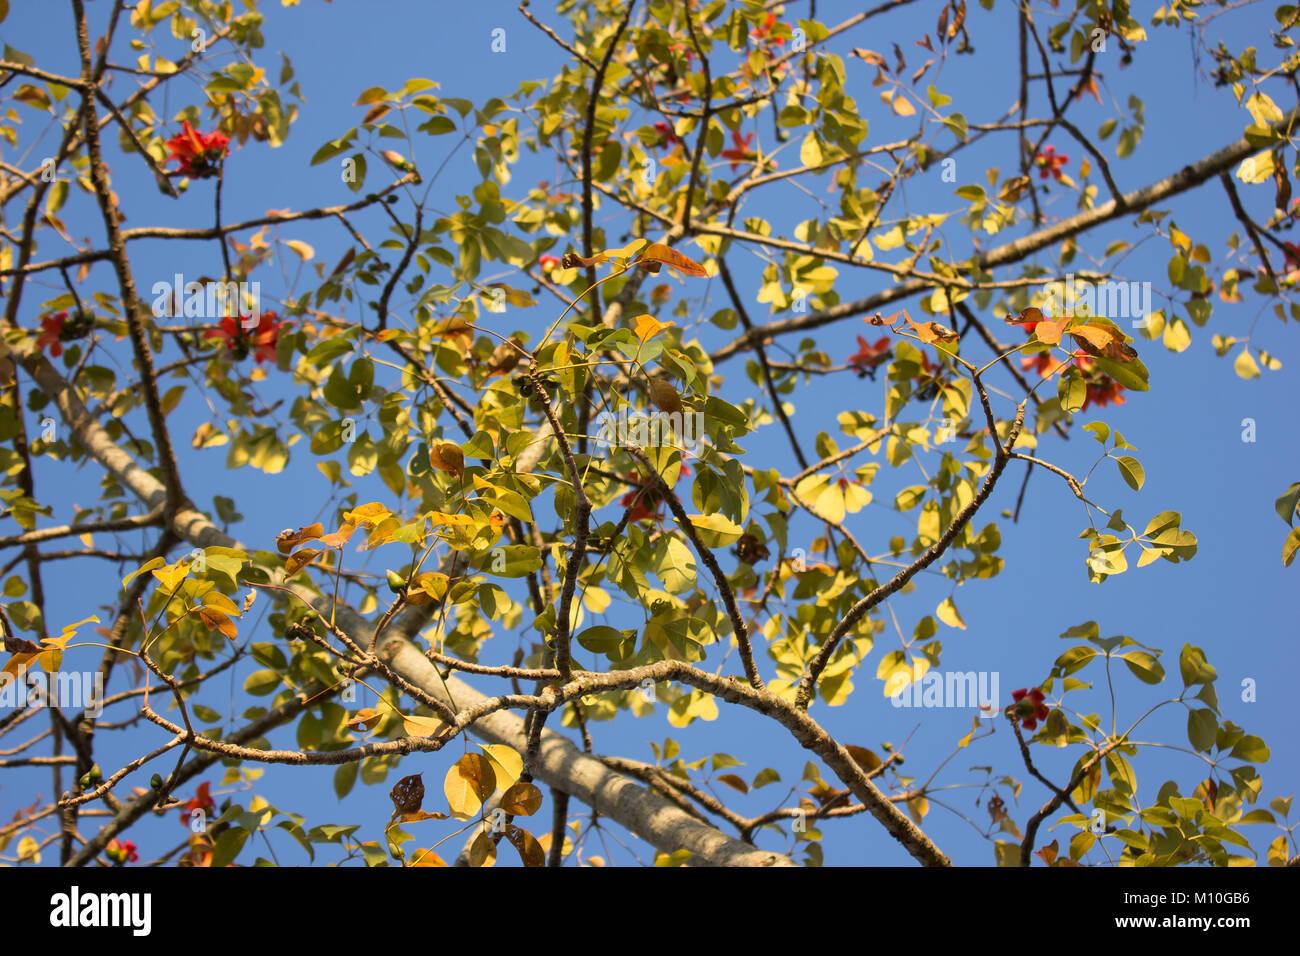 Leaf of bombax ceiba tree with blue sky background stock photo leaf of bombax ceiba tree with blue sky background izmirmasajfo